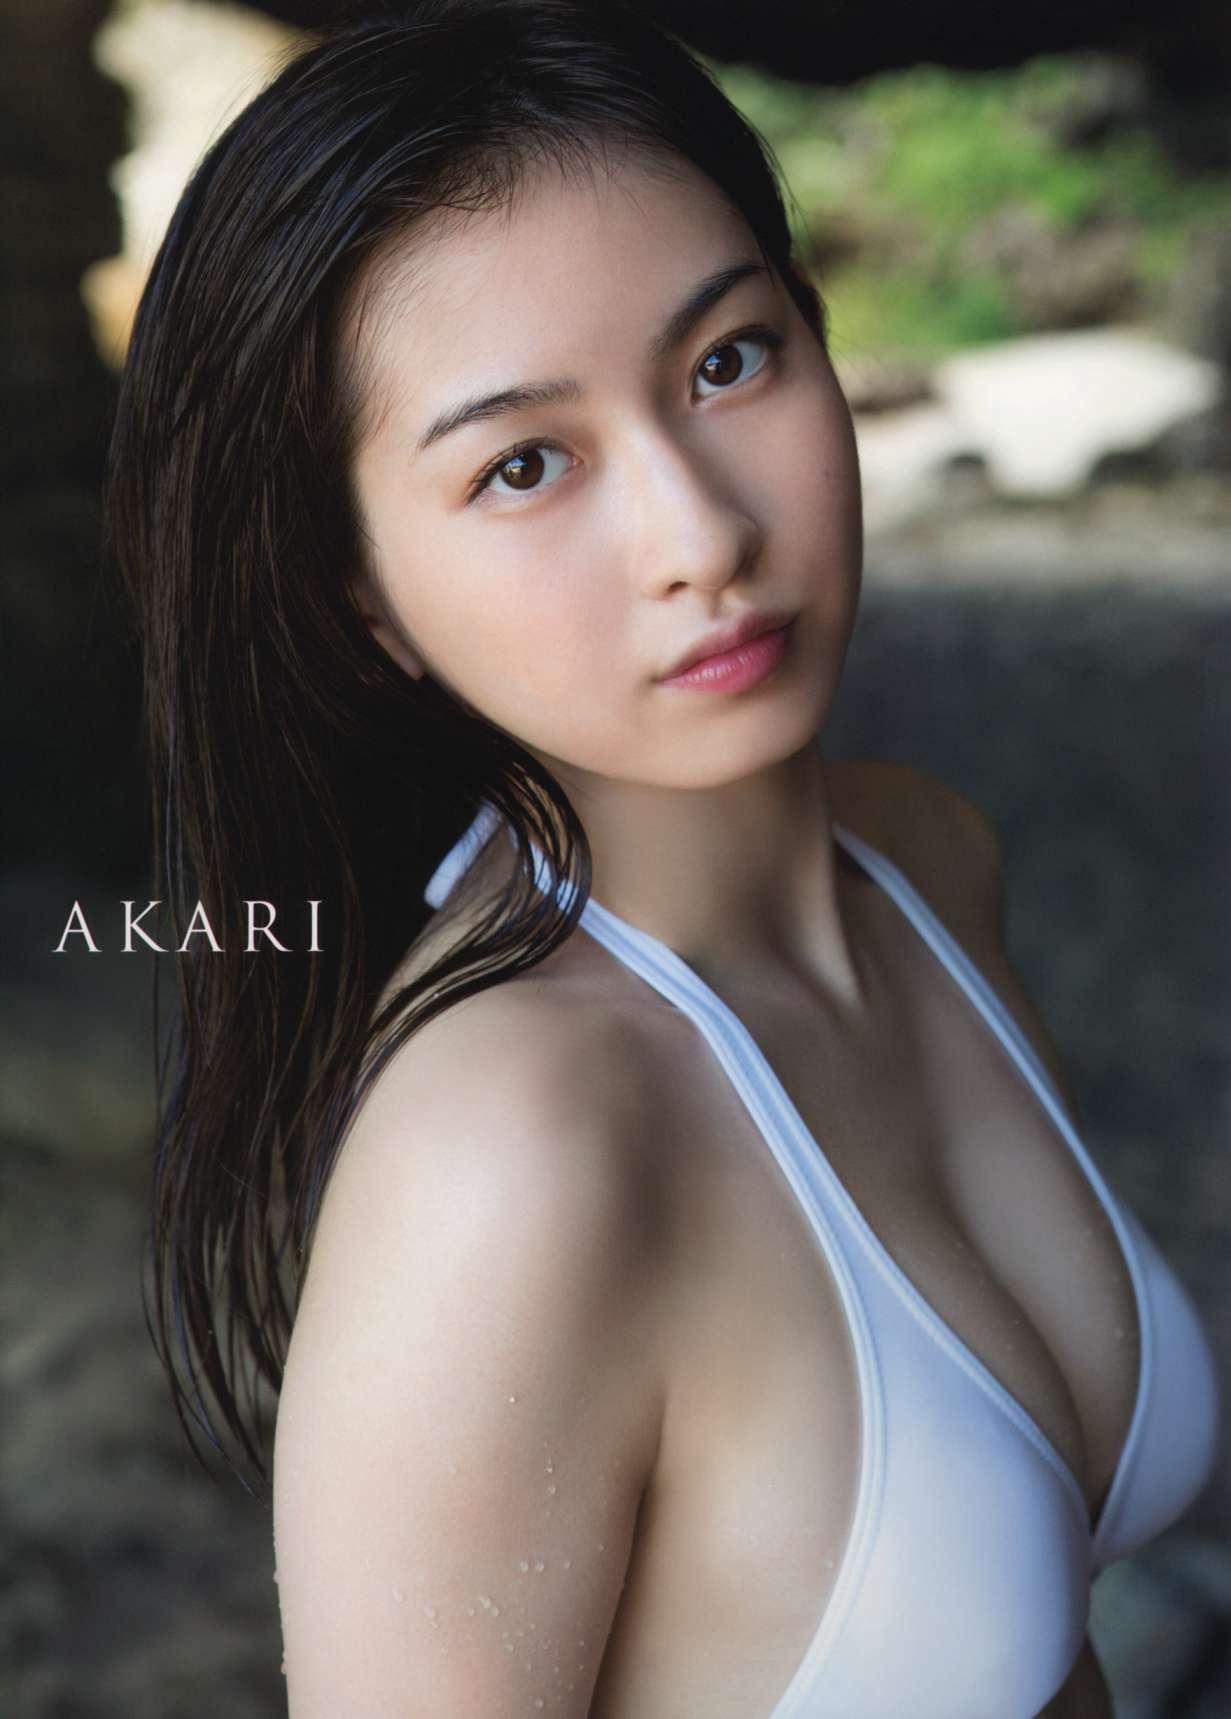 植村あかり - AKARI - 亞洲美女 -